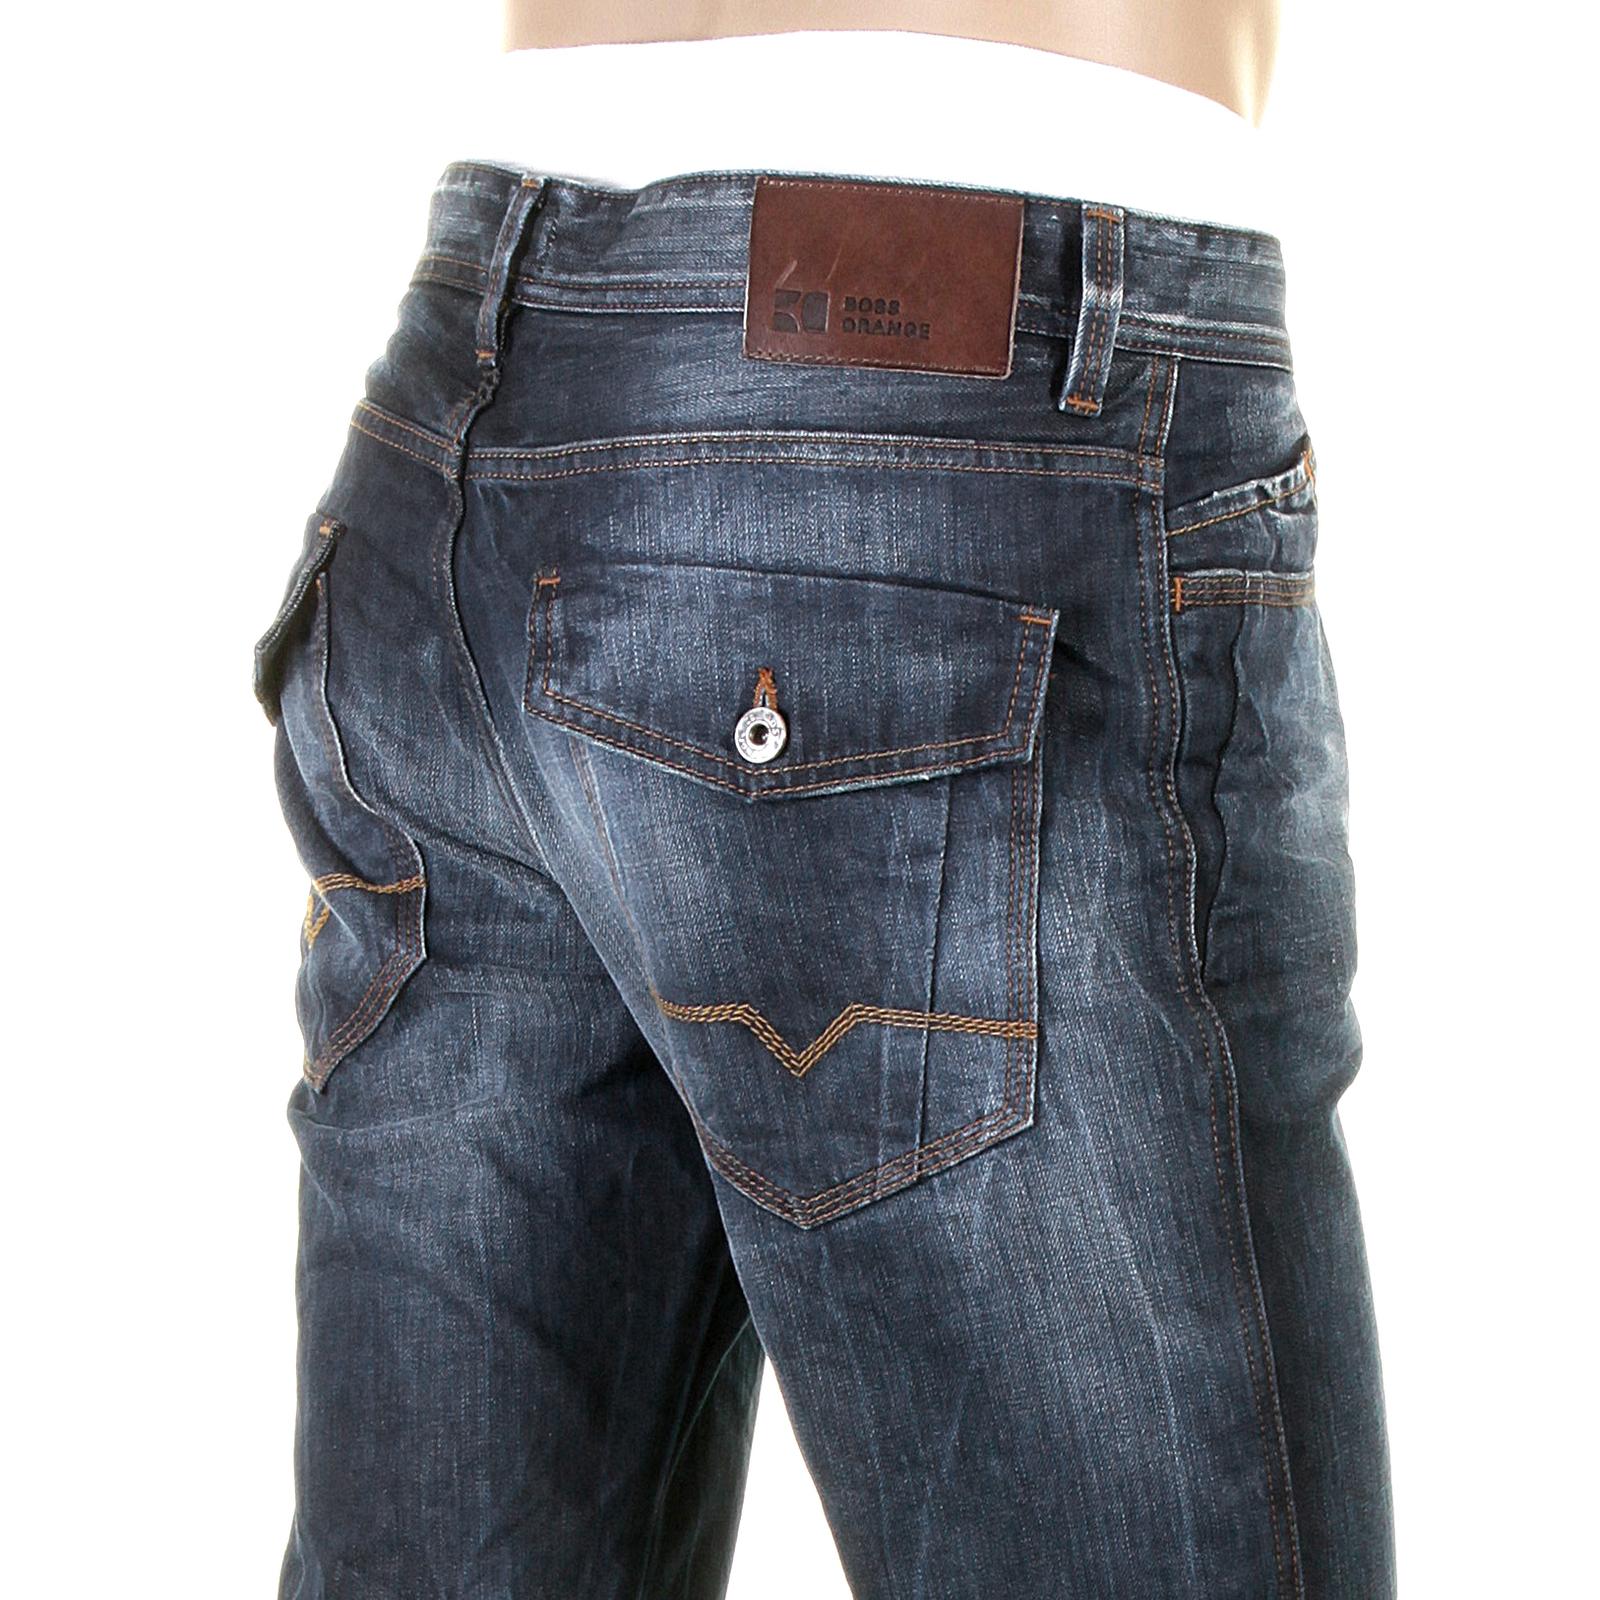 boss orange jeans vintage finish orange25 patch 50207940 446 hugo boss denim jean boss2611 at. Black Bedroom Furniture Sets. Home Design Ideas